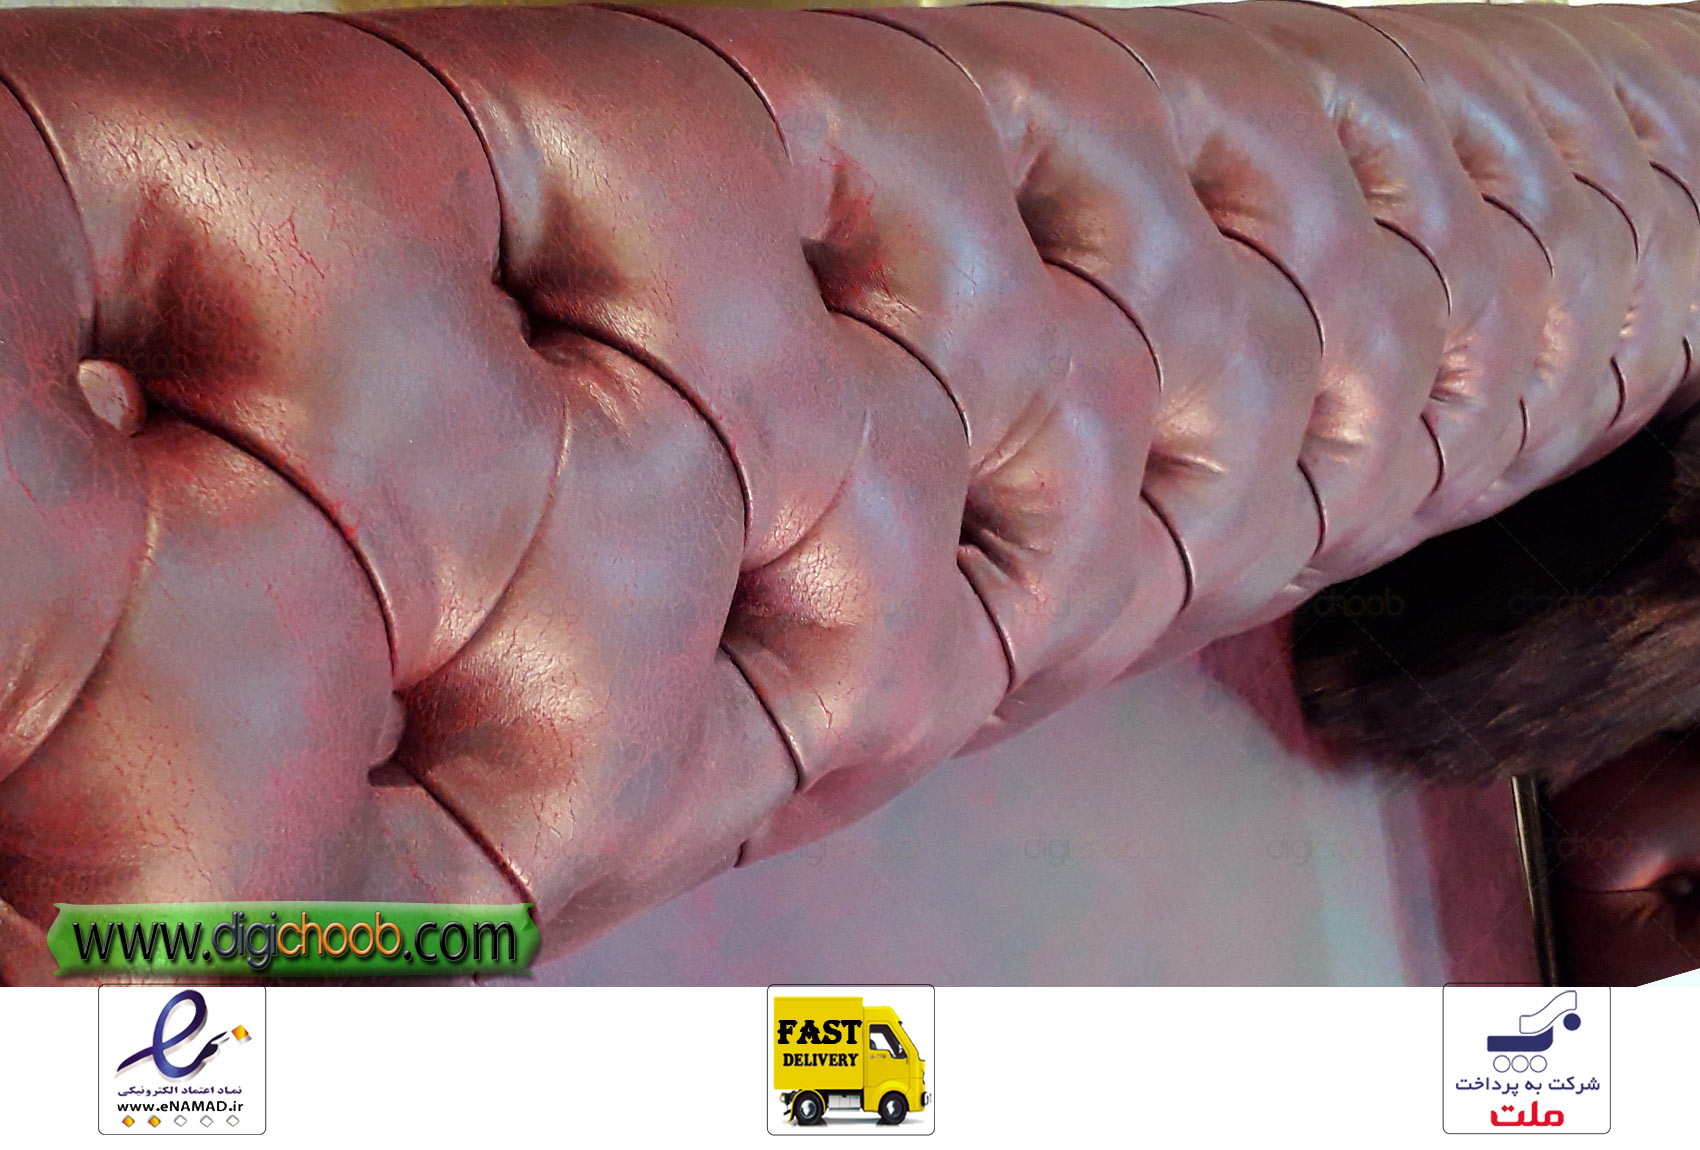 قیمت مبل راحتی چستر کارا در یافت آباد